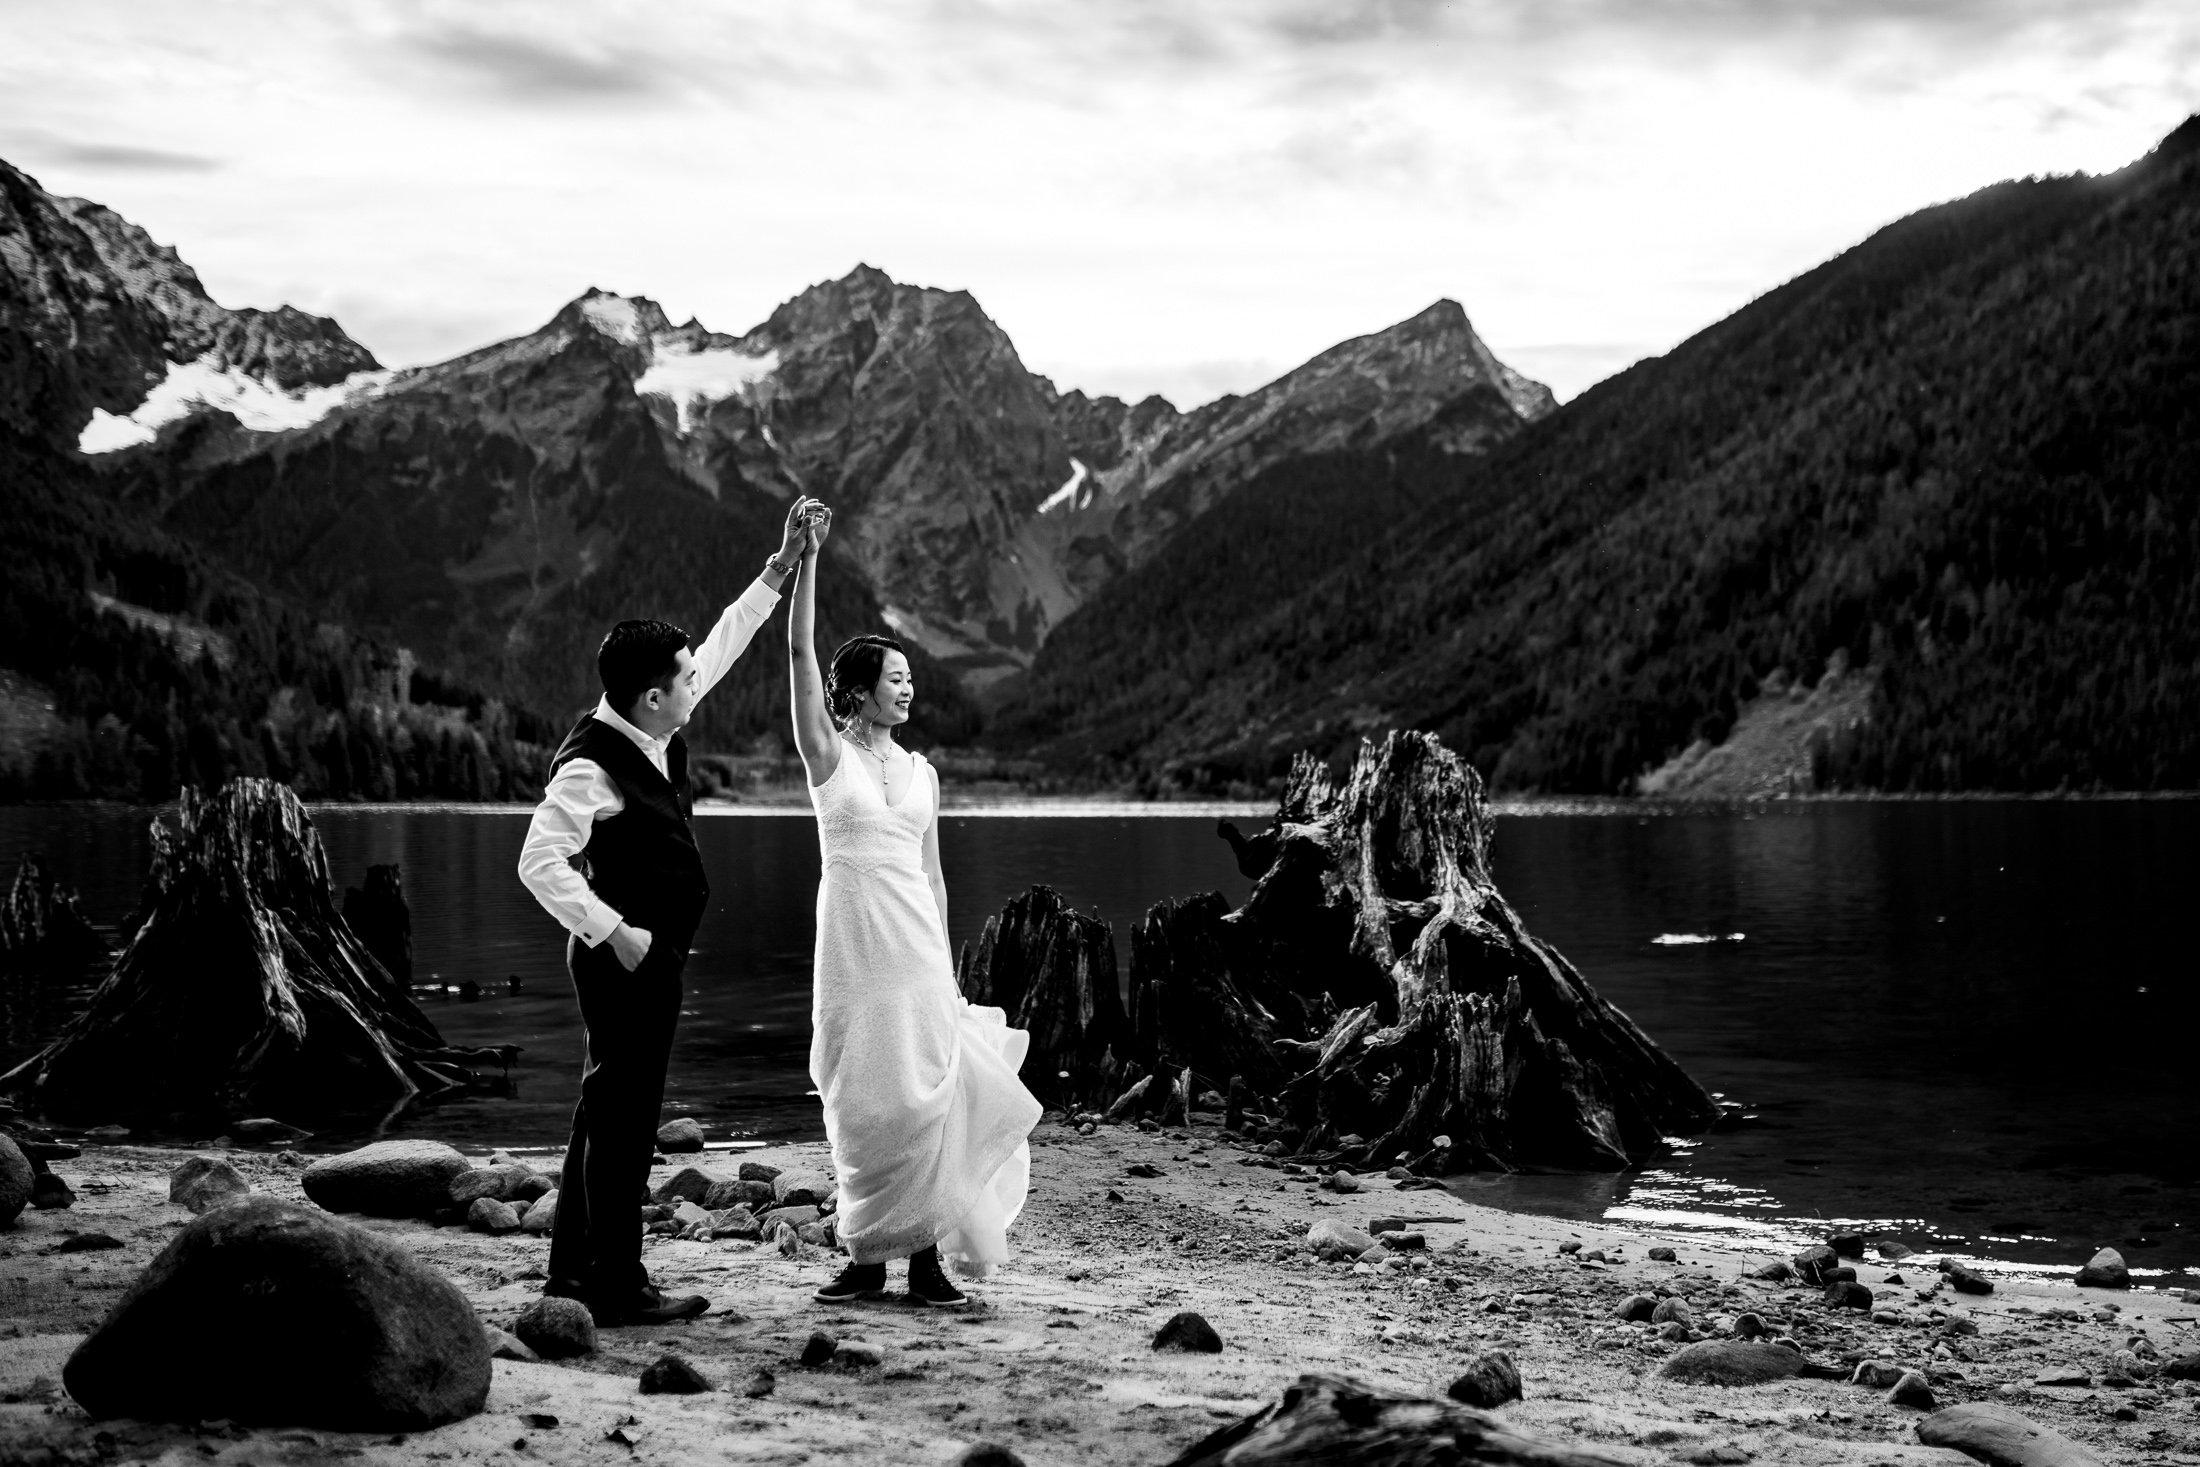 020 - fraser valley adventure wedding photos